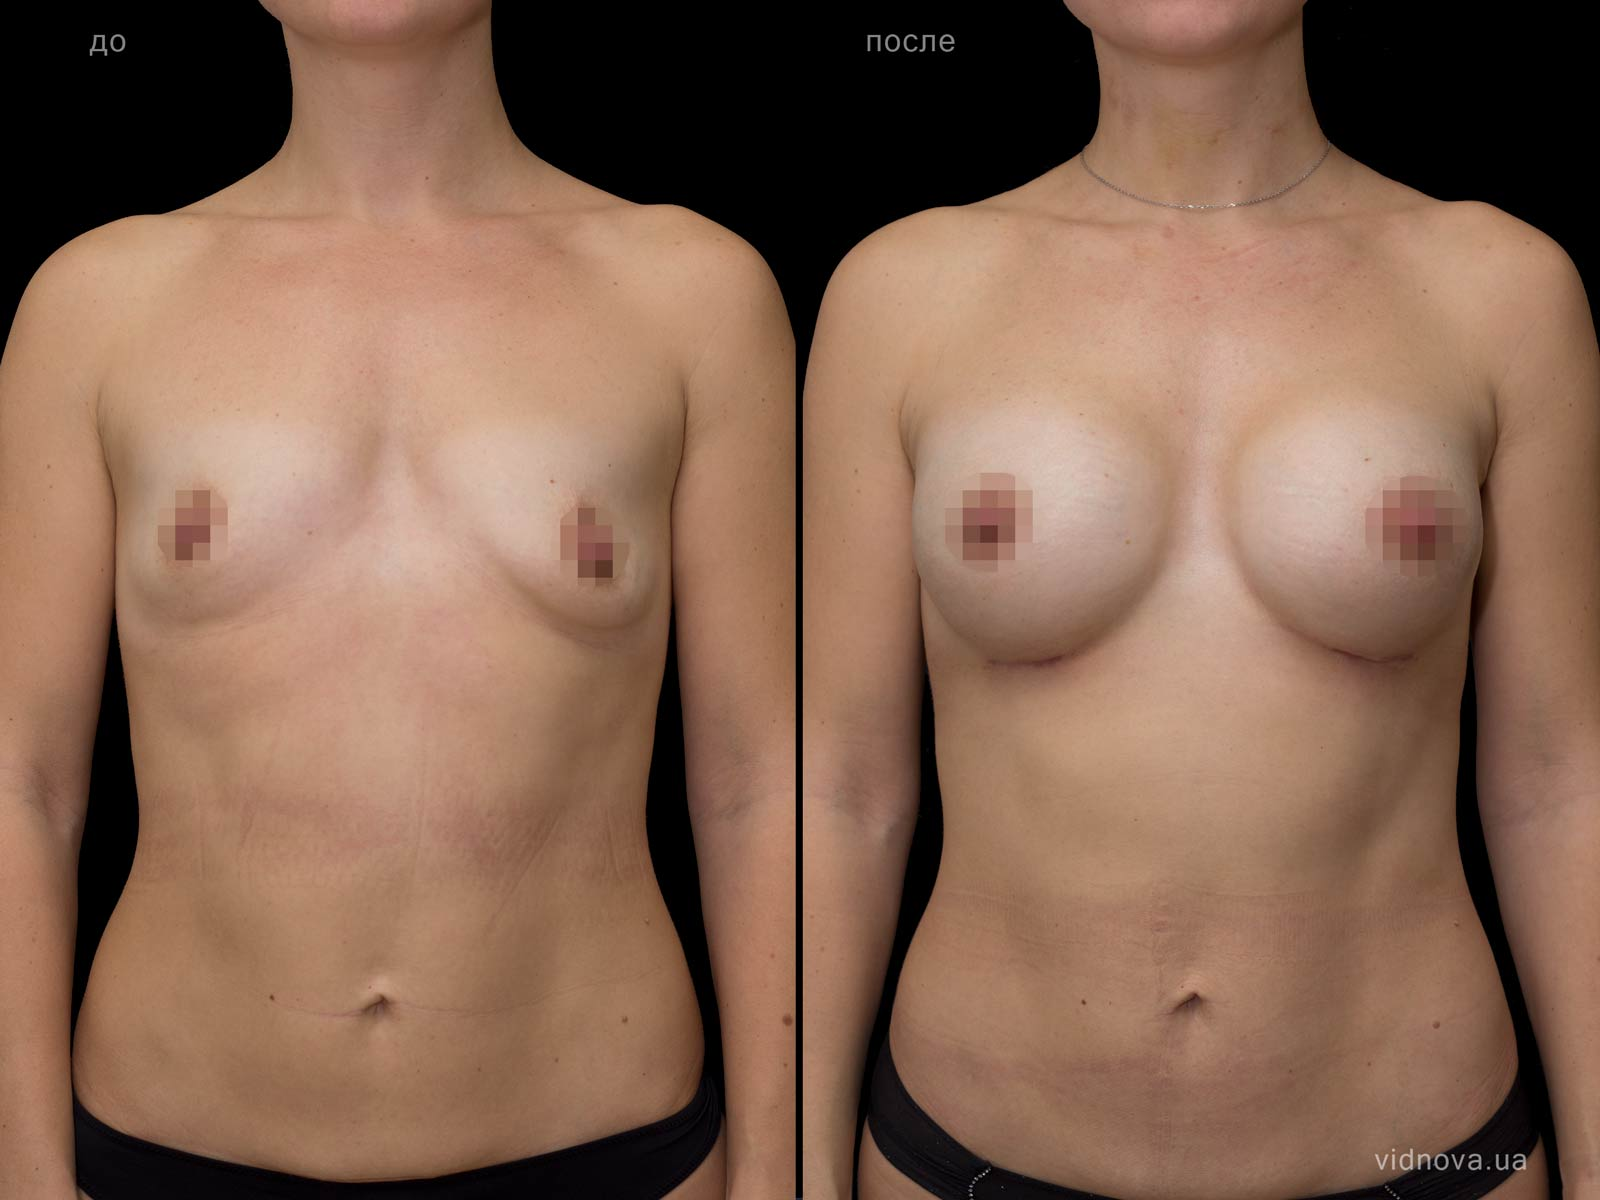 Пластика груди: результаты до и после - Пример №71-0 - Светлана Работенко